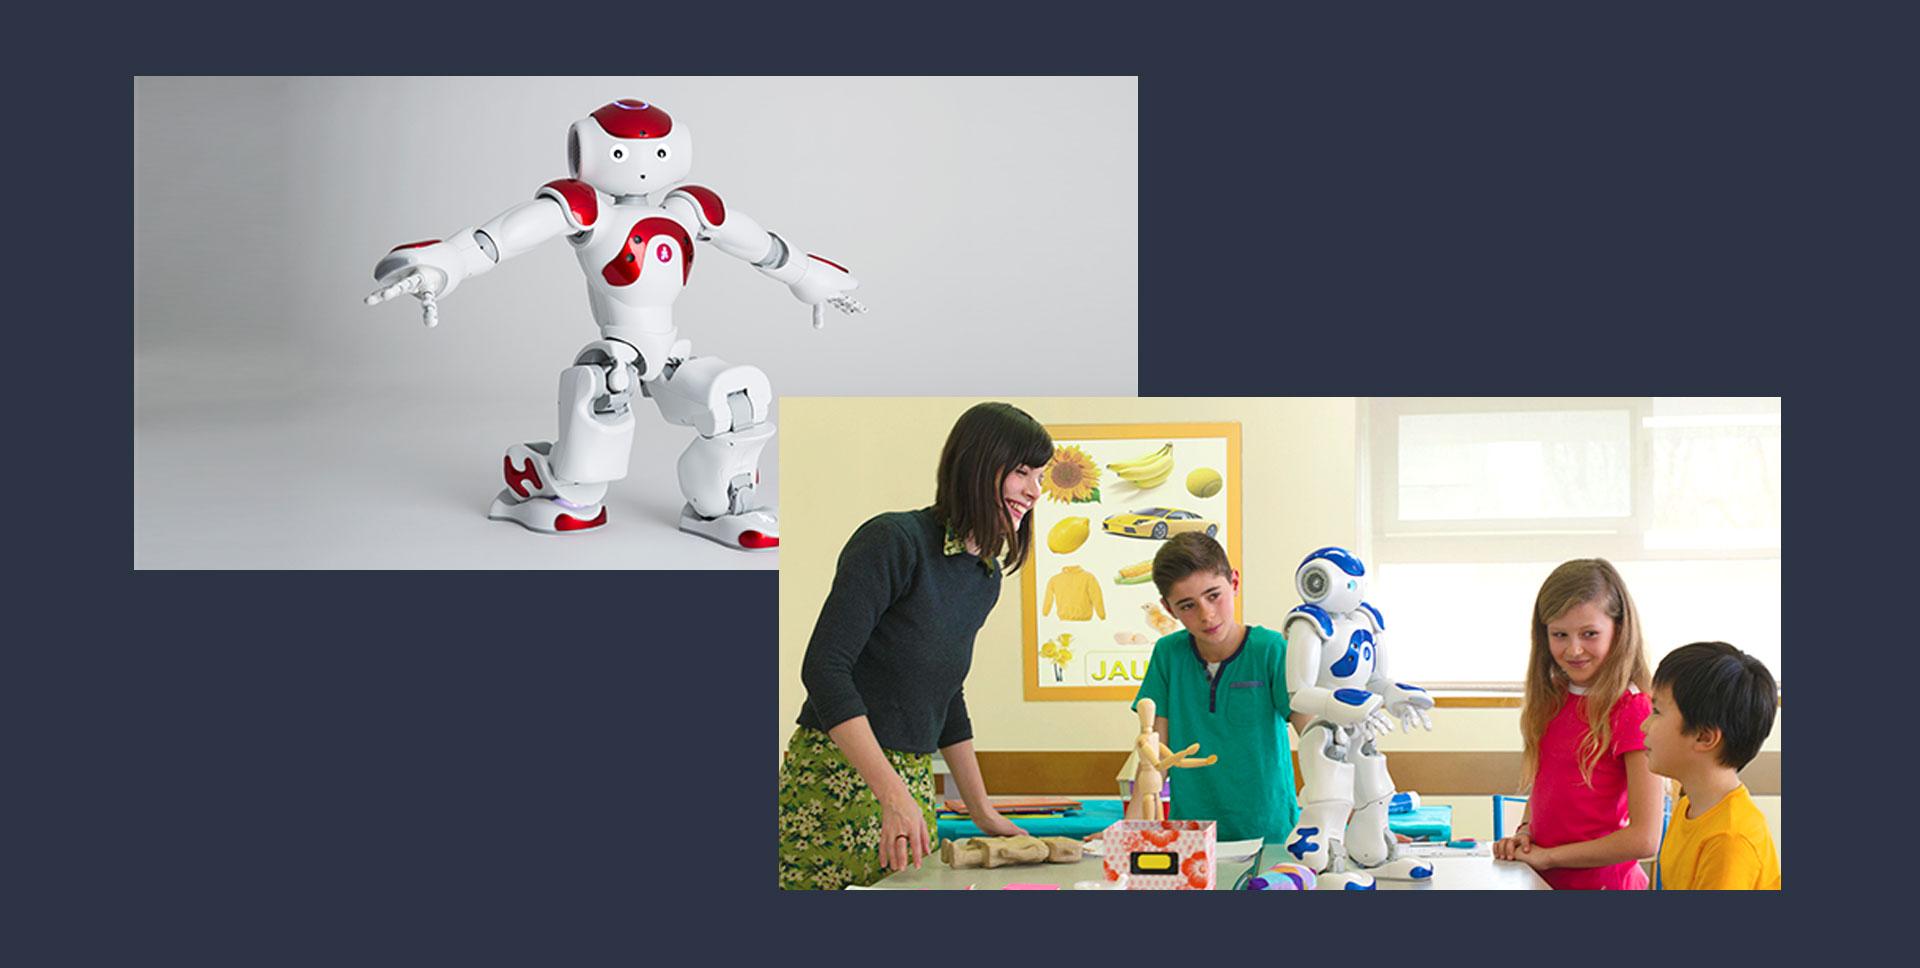 Photos of Nao, a robot friend designed by the company Softbank Robotics